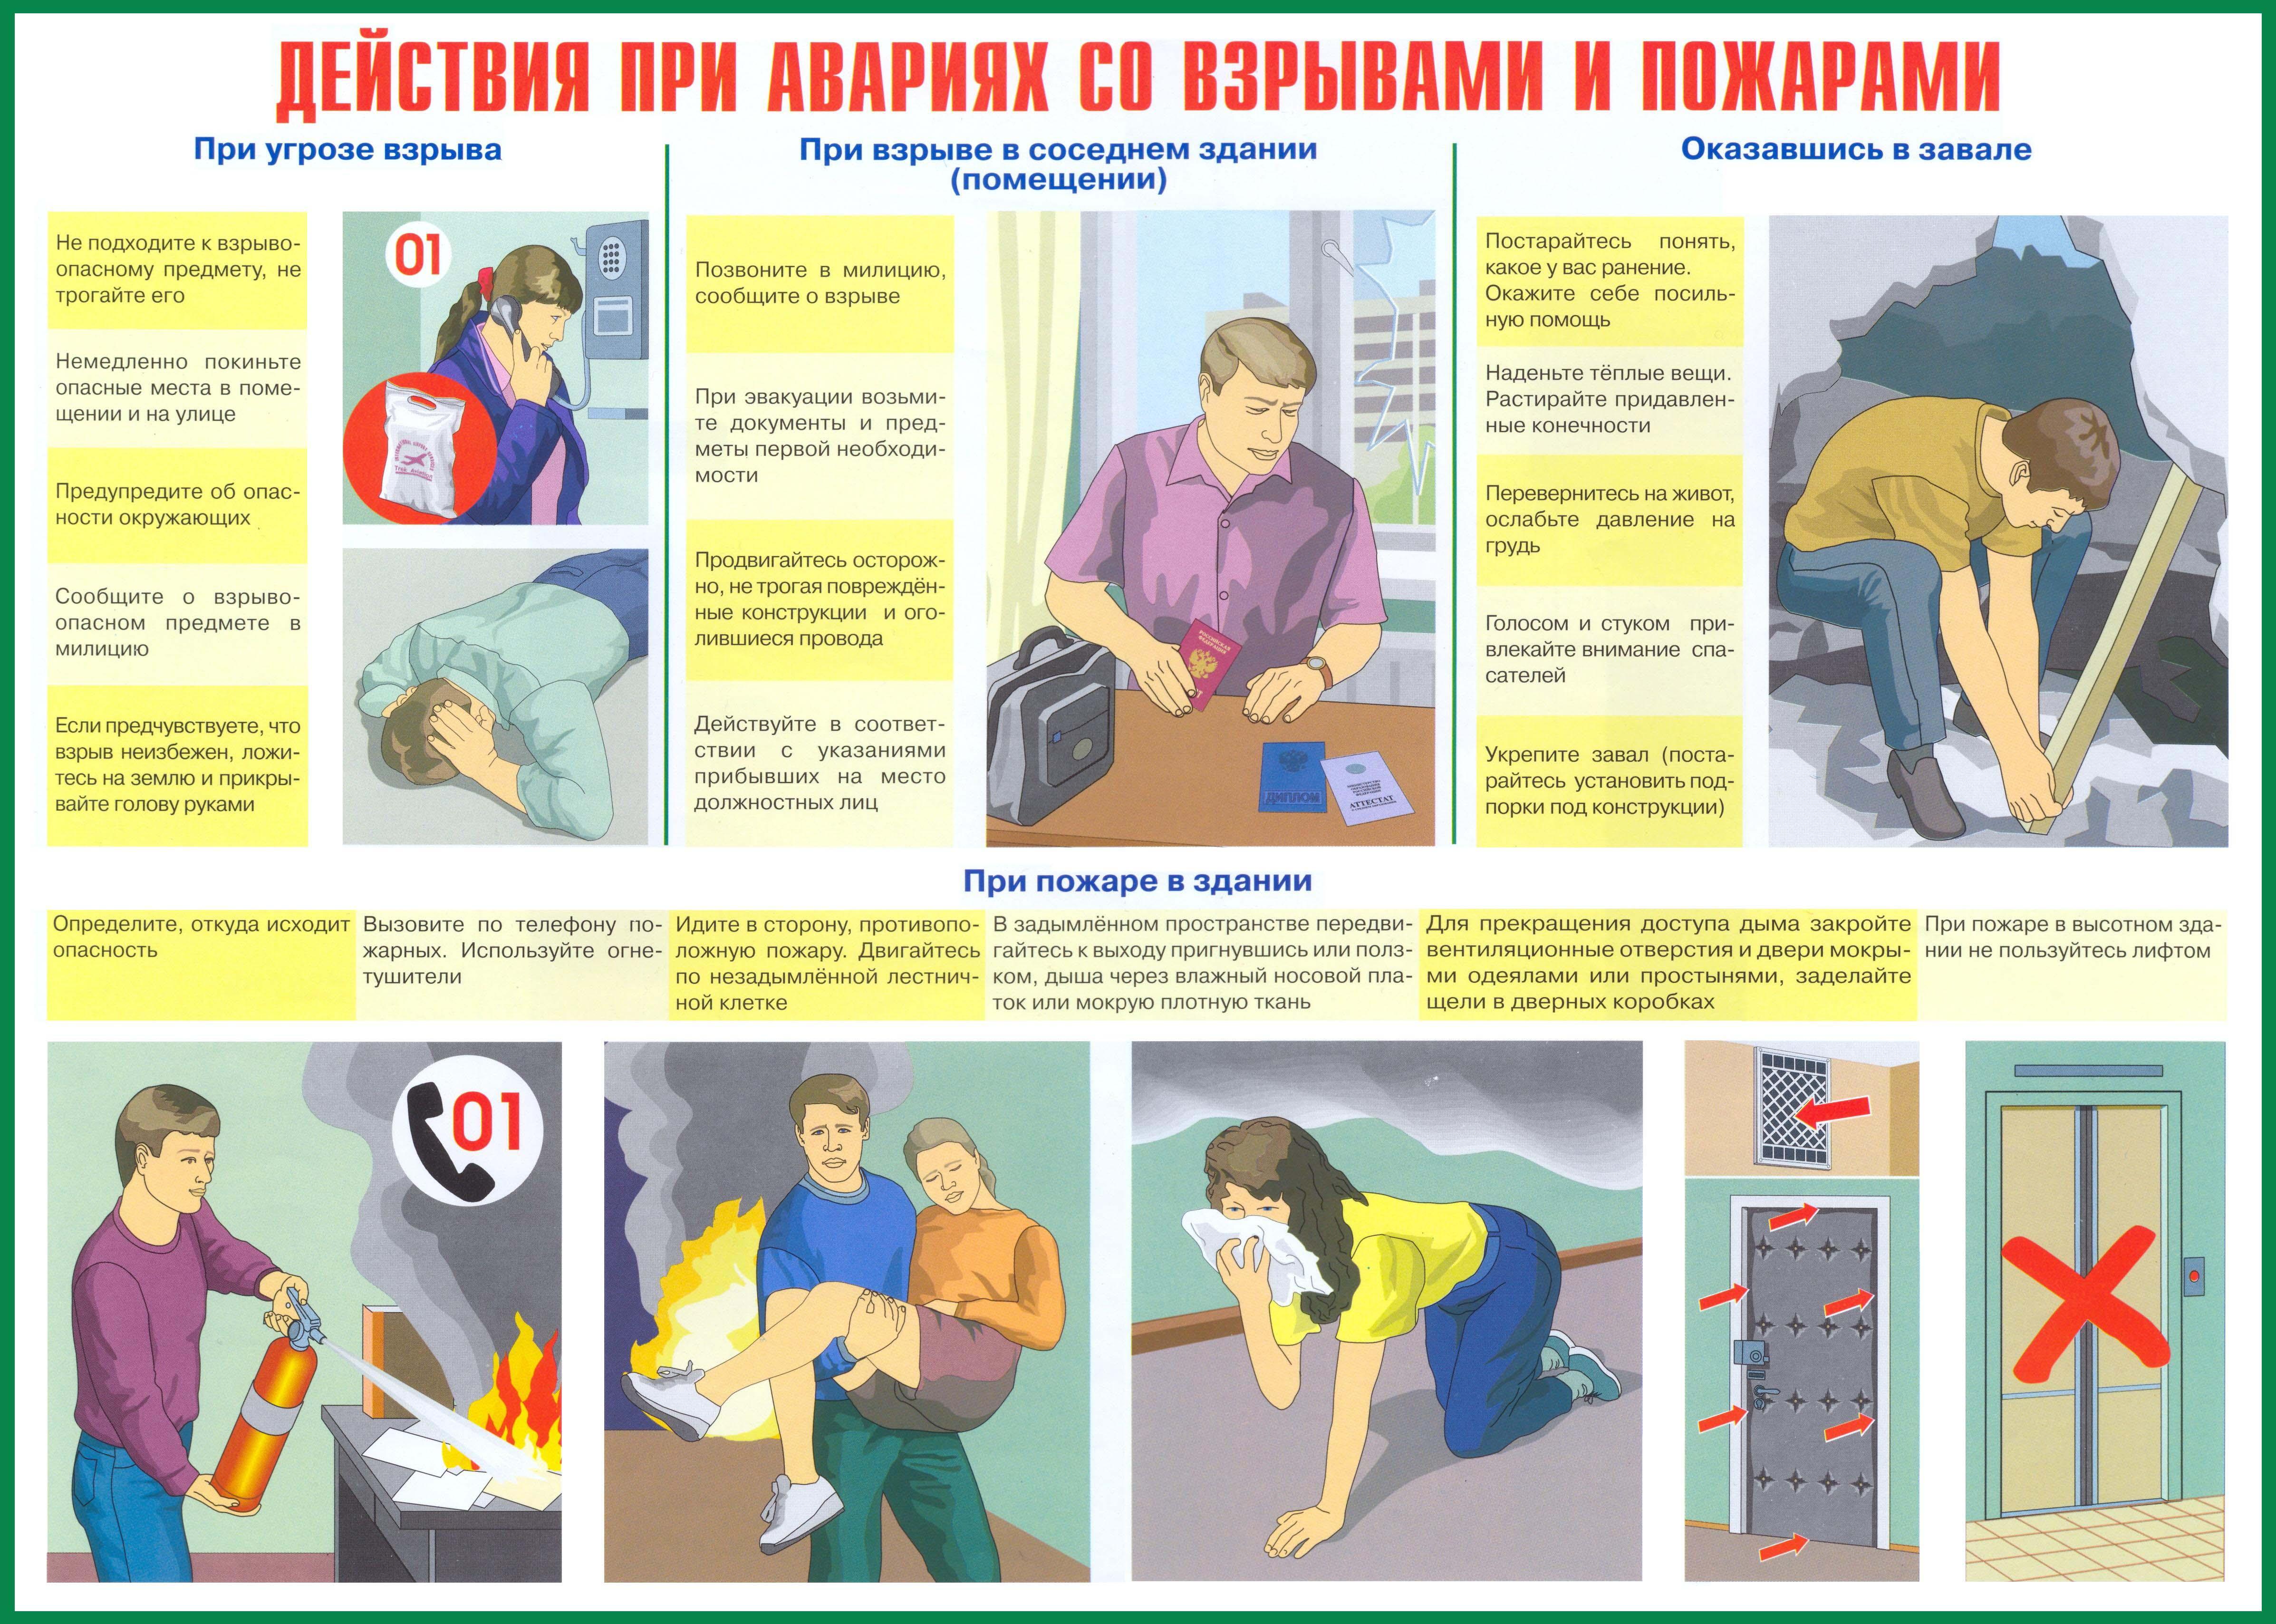 Инструкция Во Время Землятресения